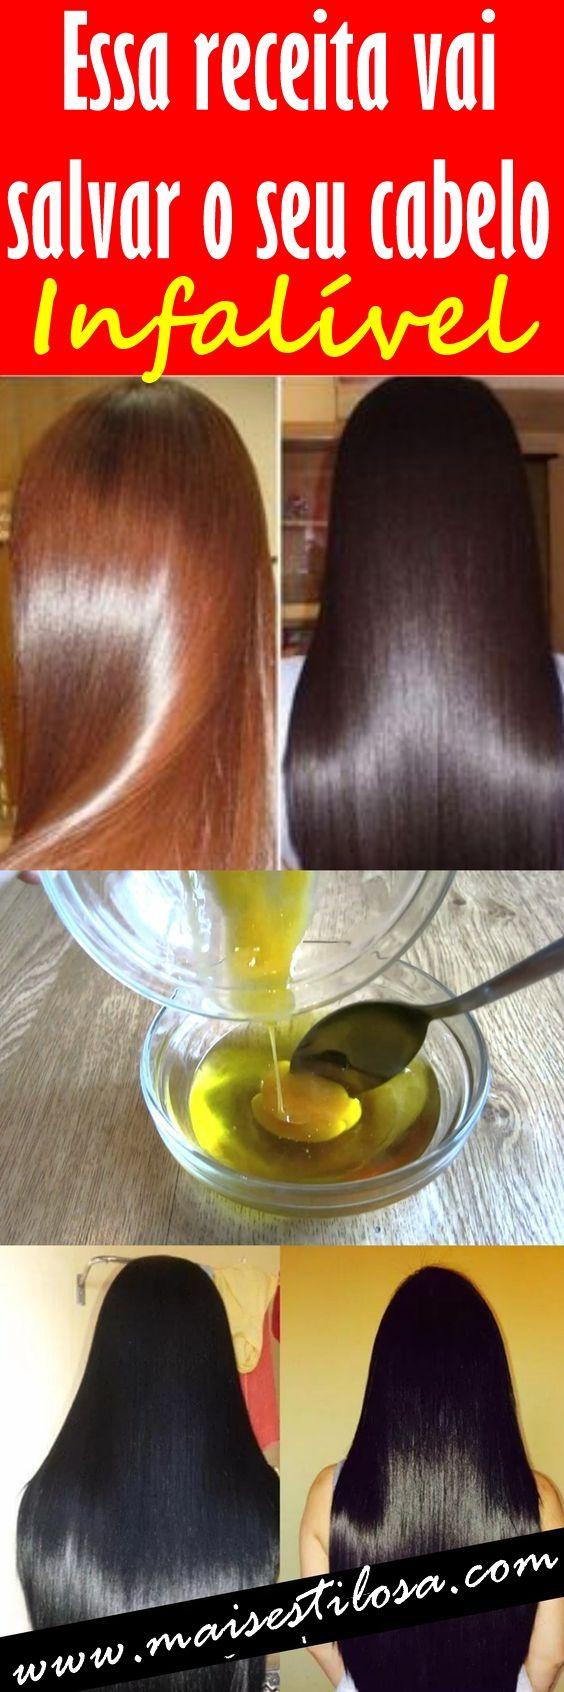 Essa receita caseira vai salvar seu cabelo danificado (Infalível)